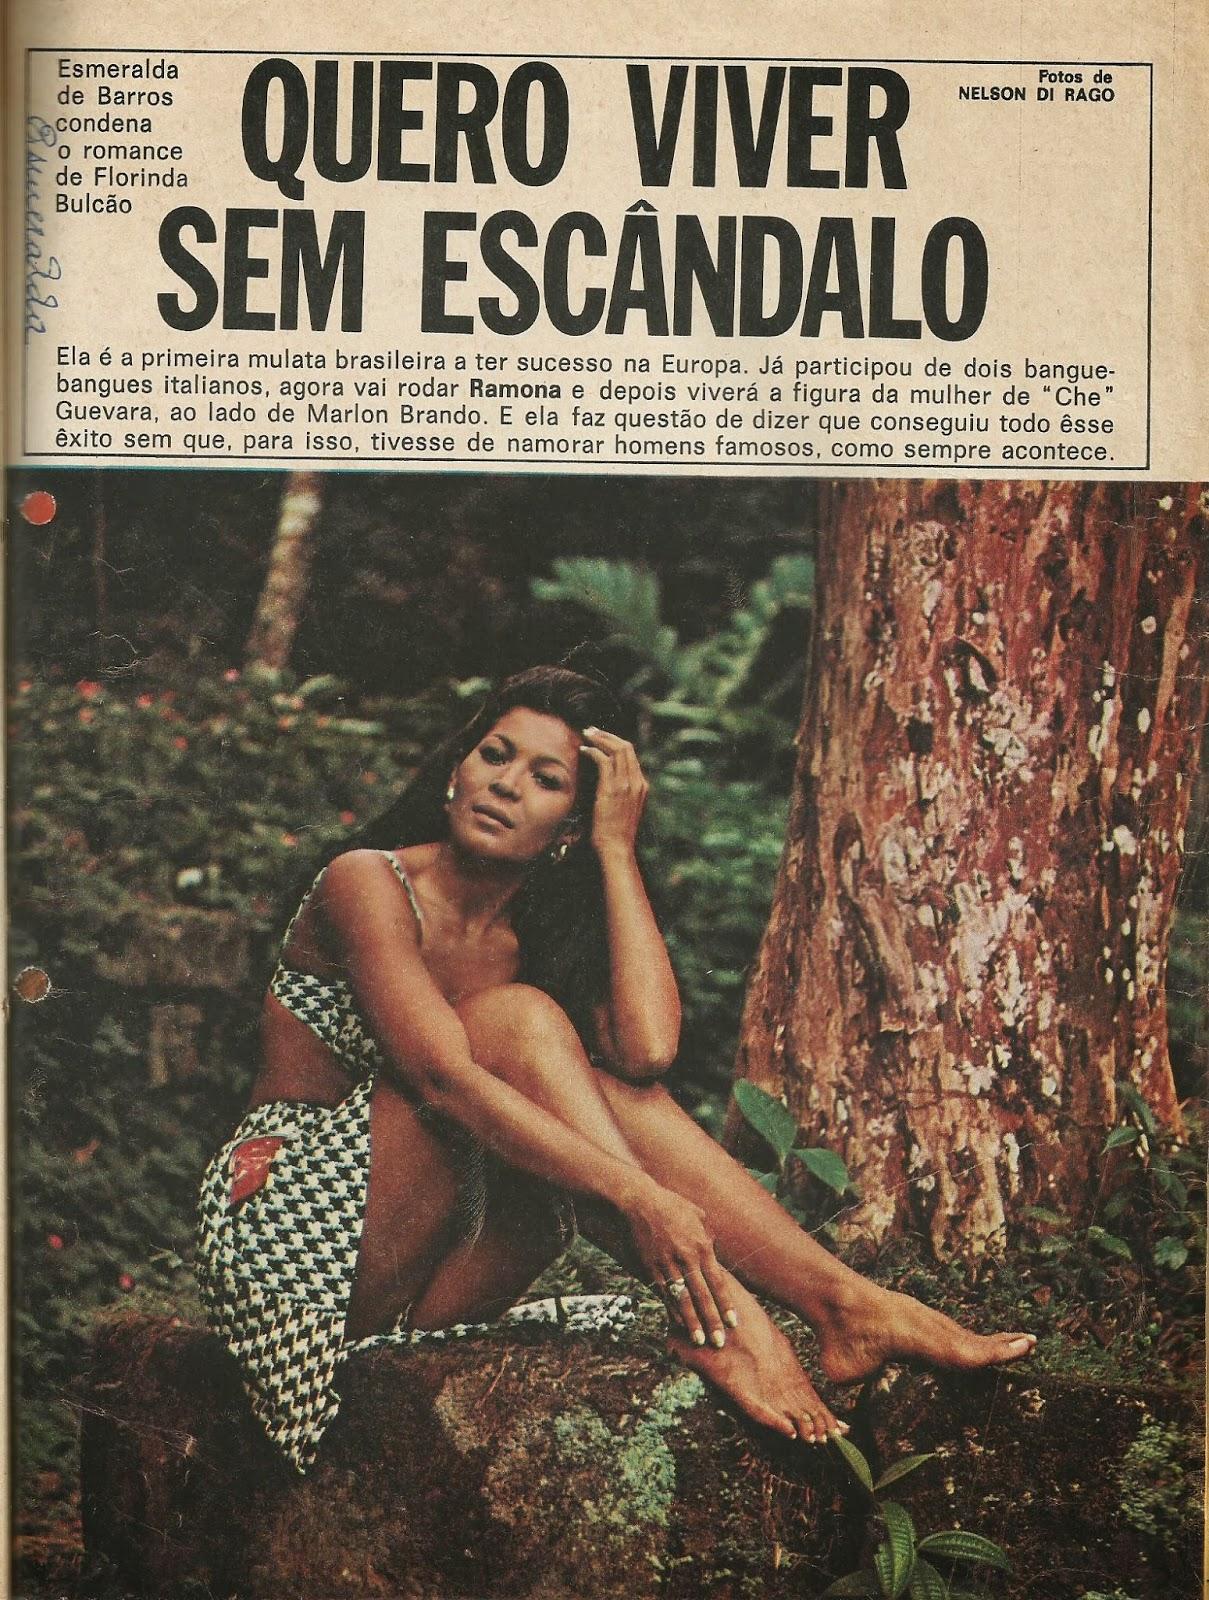 Esmeralda Barros